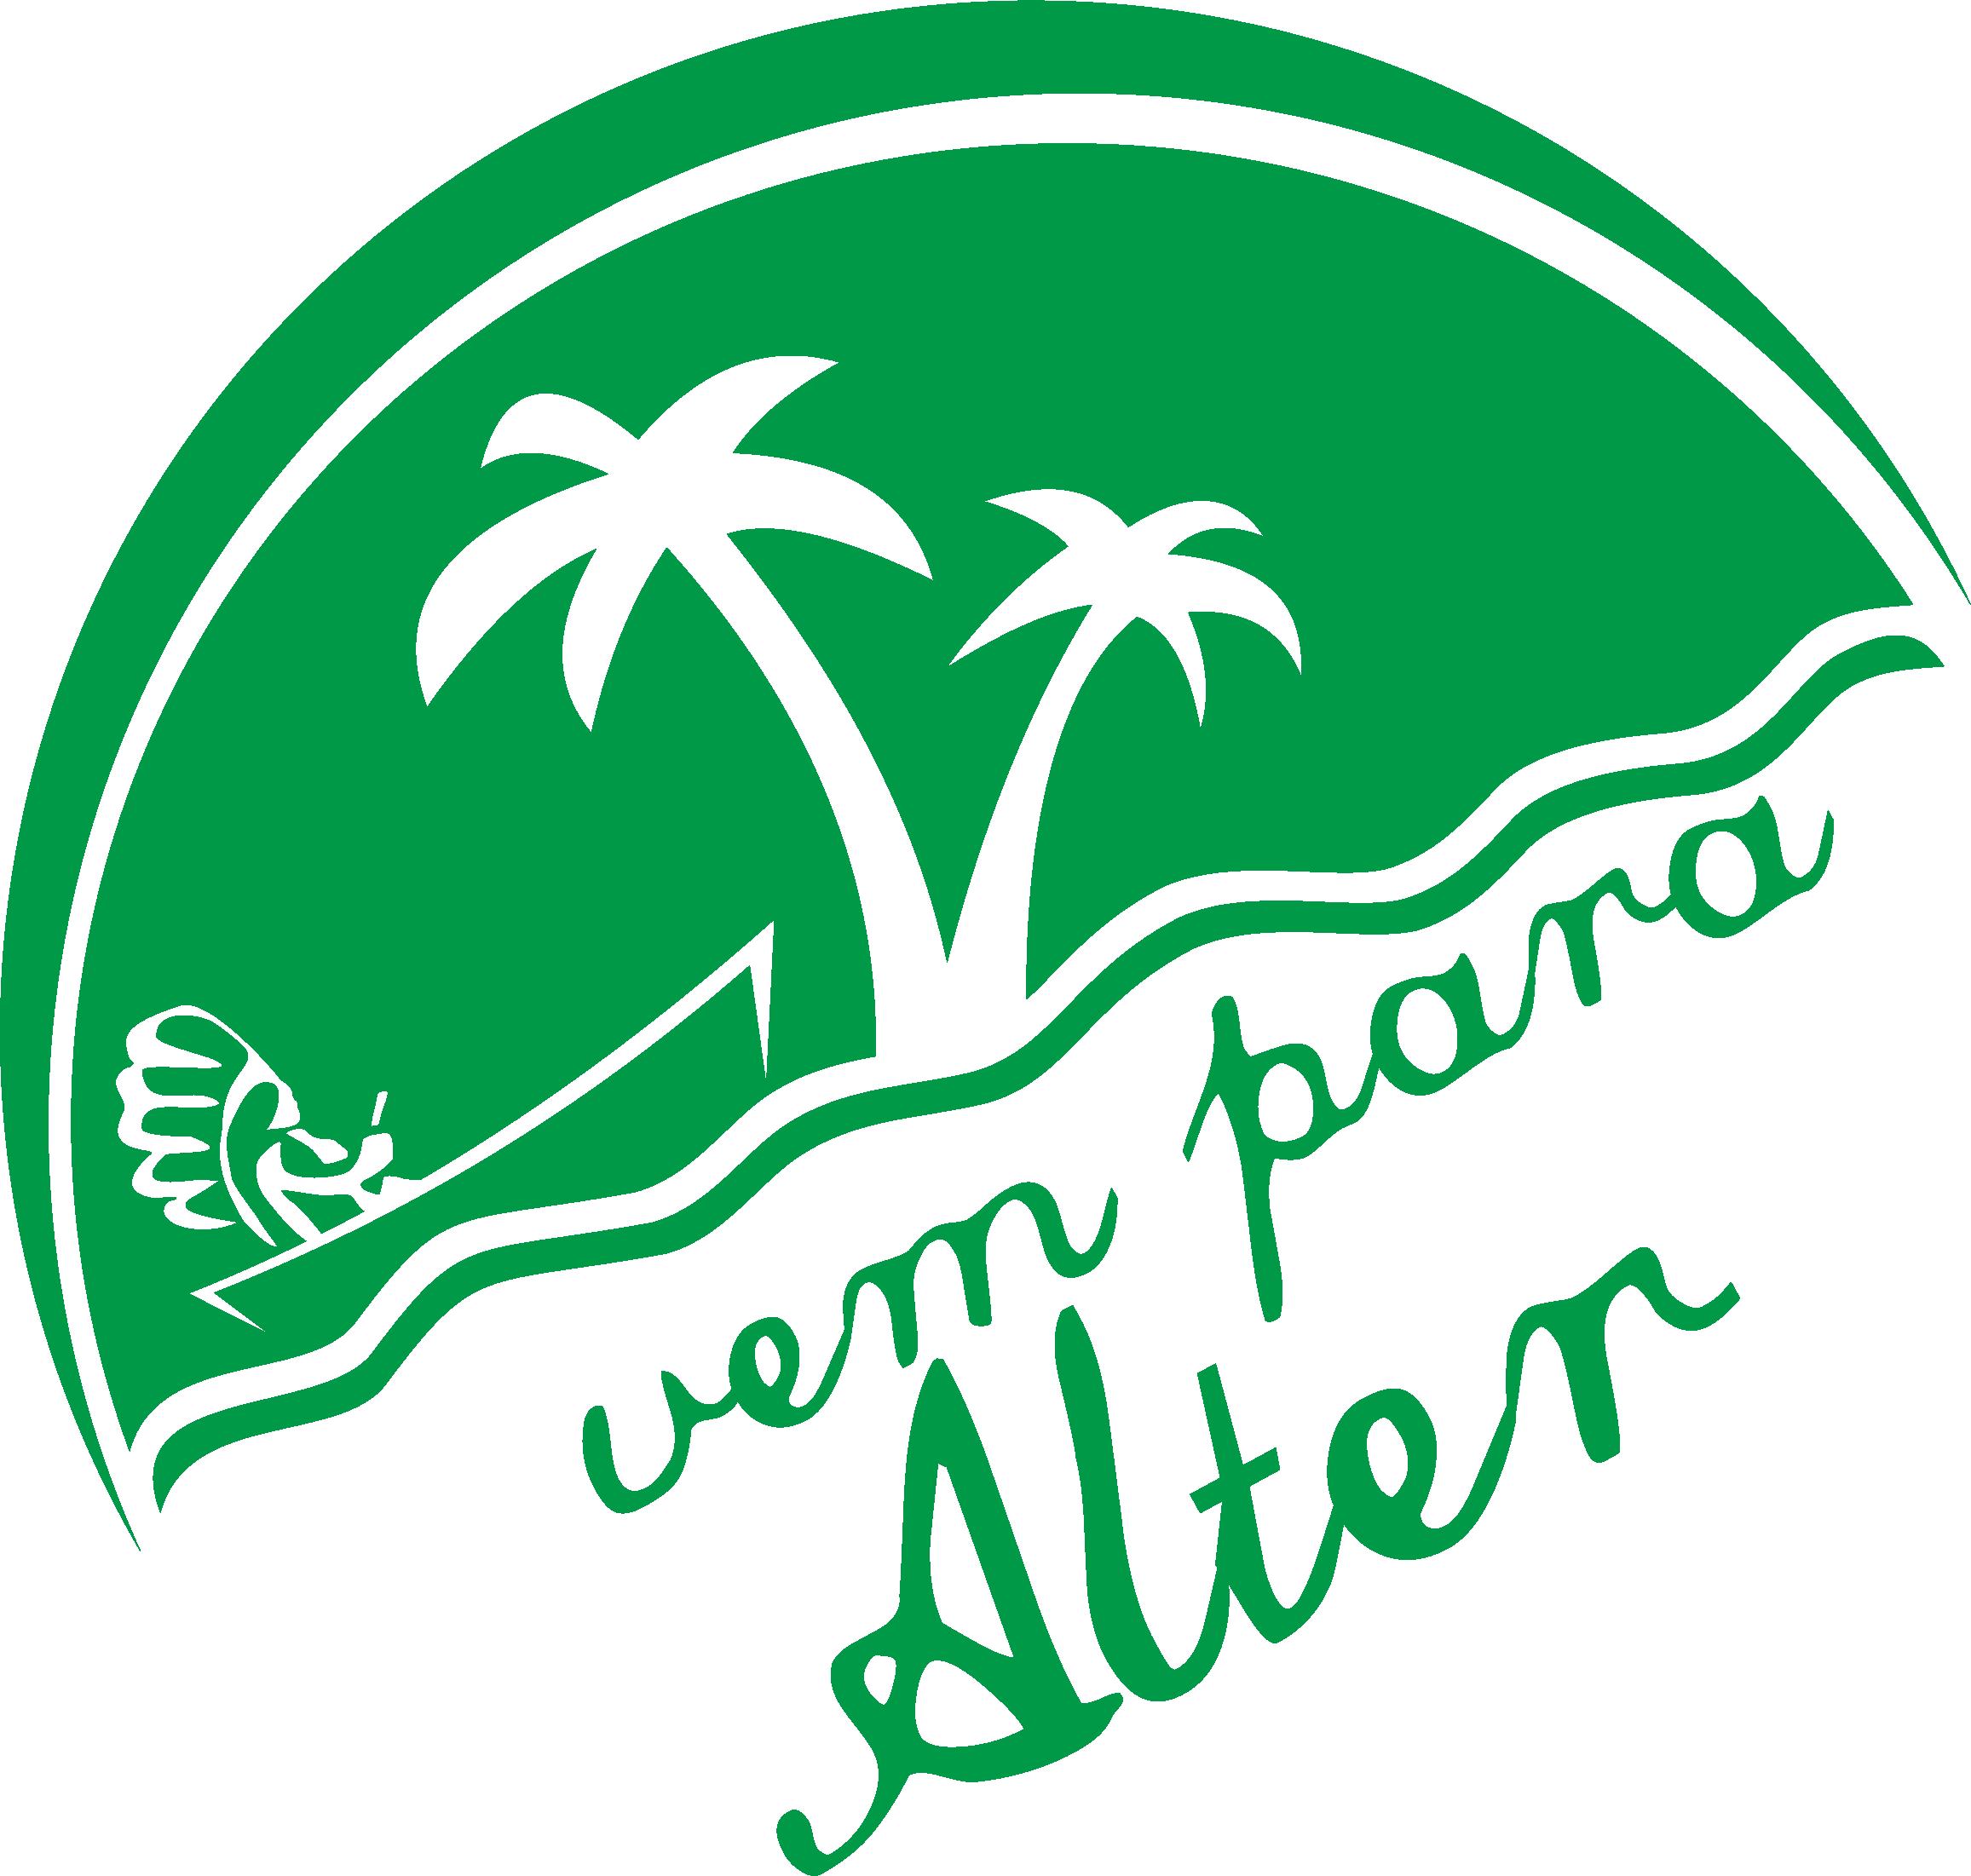 VemParaAlter